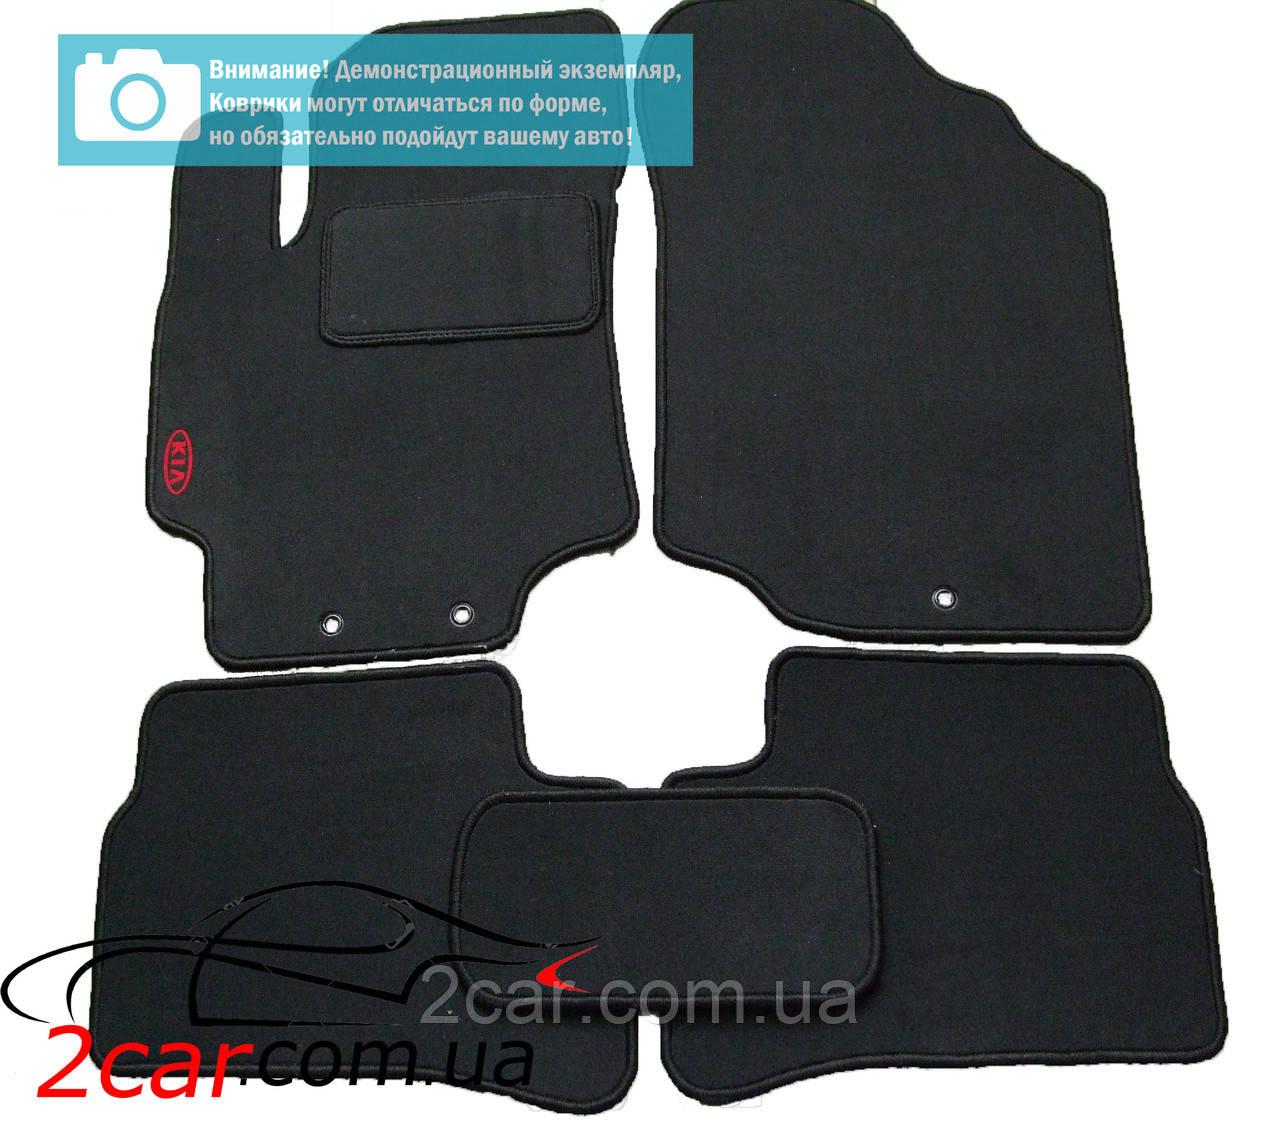 Текстильные коврики в салон для ВАЗ 2111 (StingrayUA)